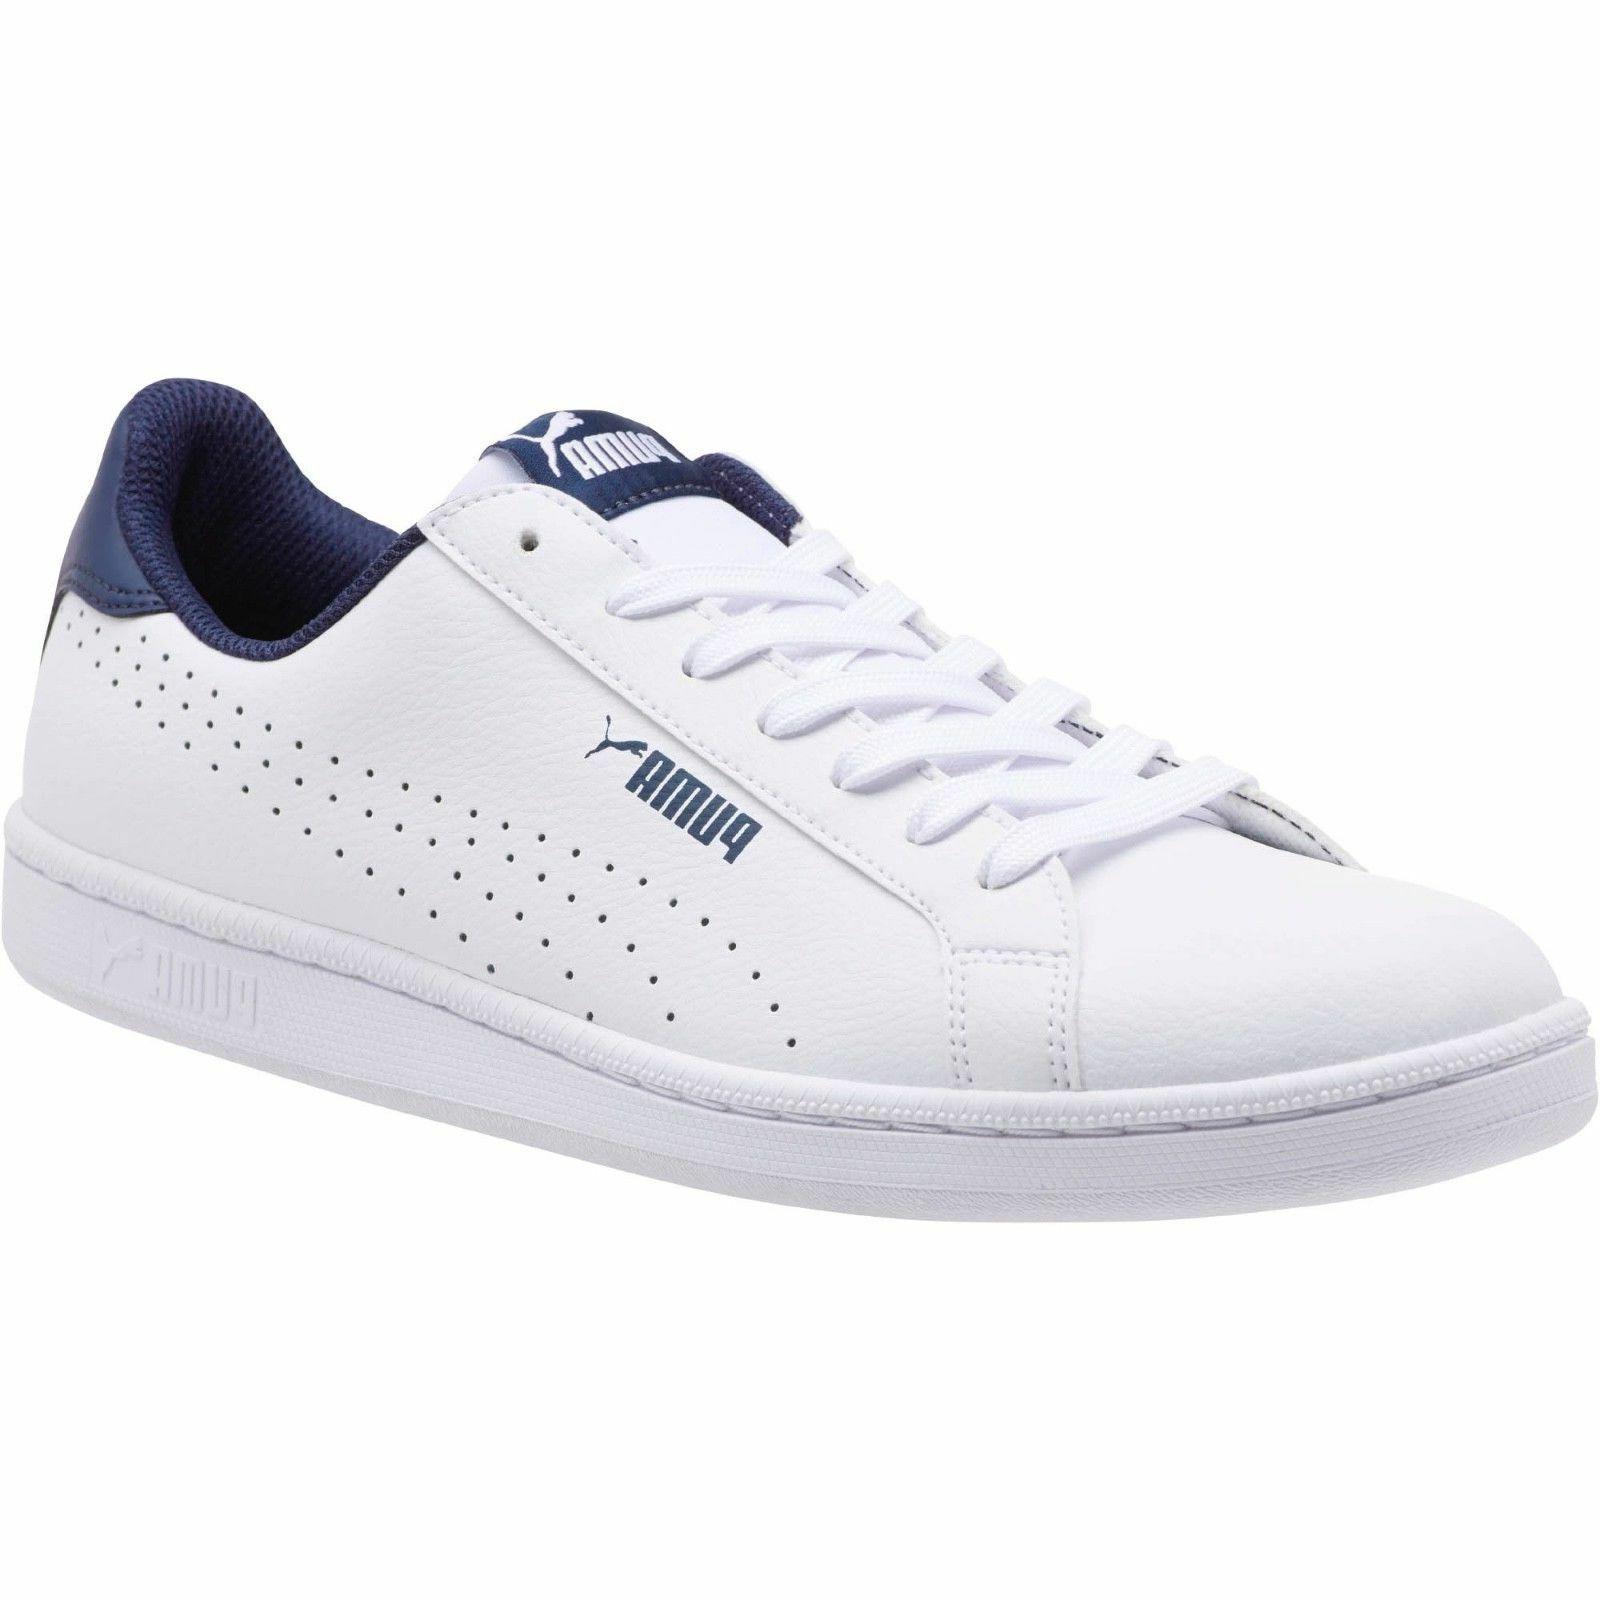 *NEW* PUMA Smash Perf Sneakers